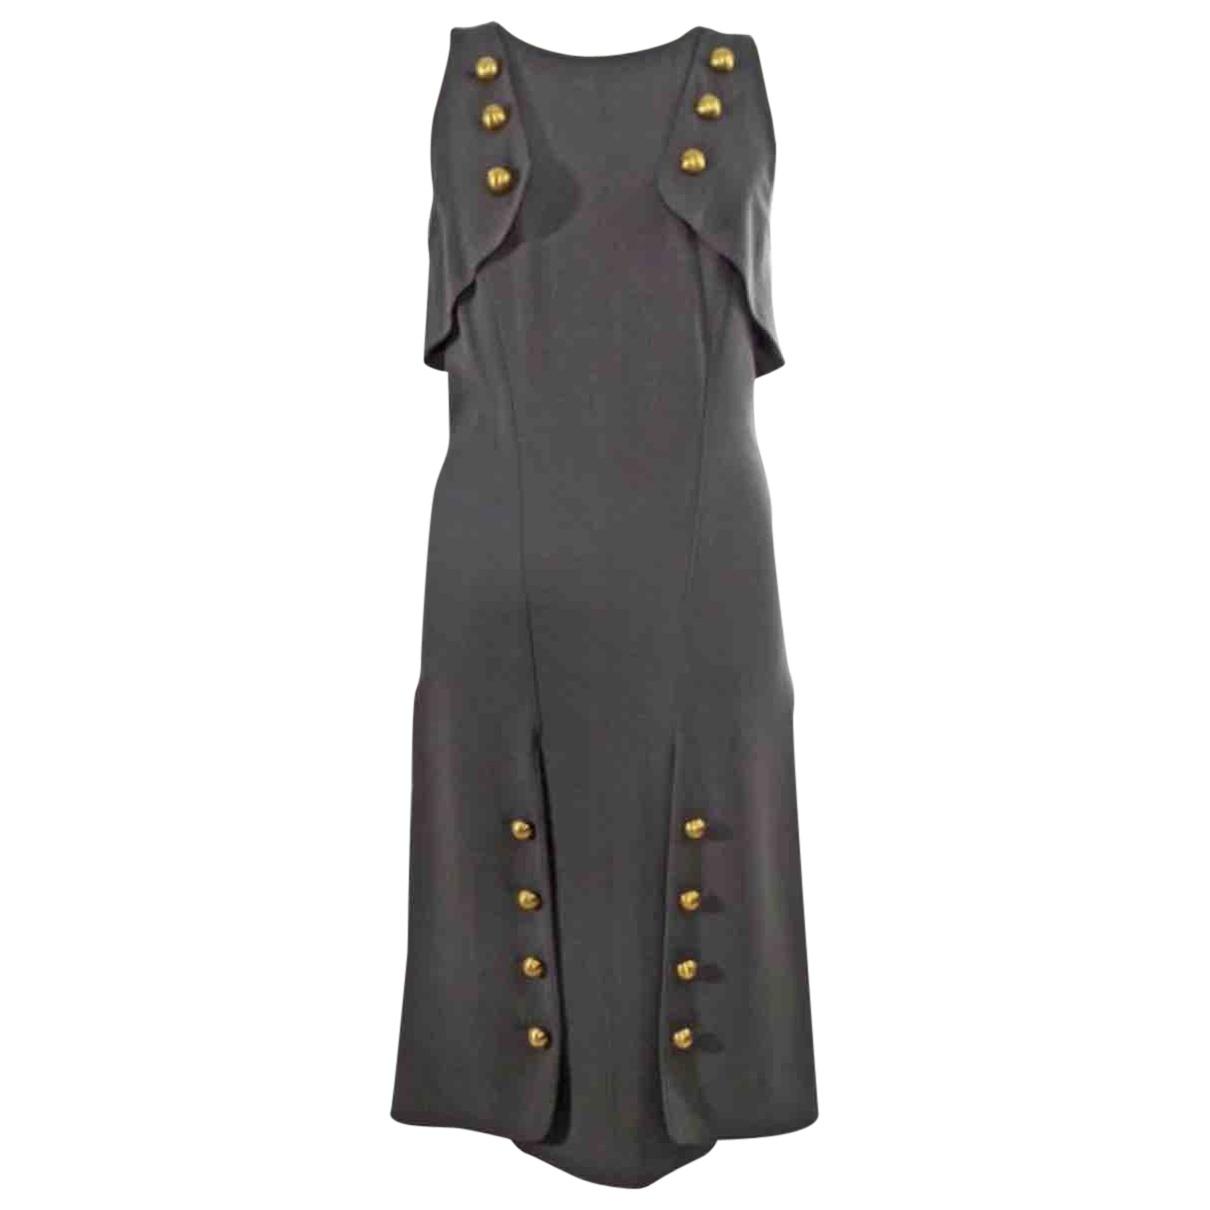 Fendi \N Grey Wool dress for Women 42 IT